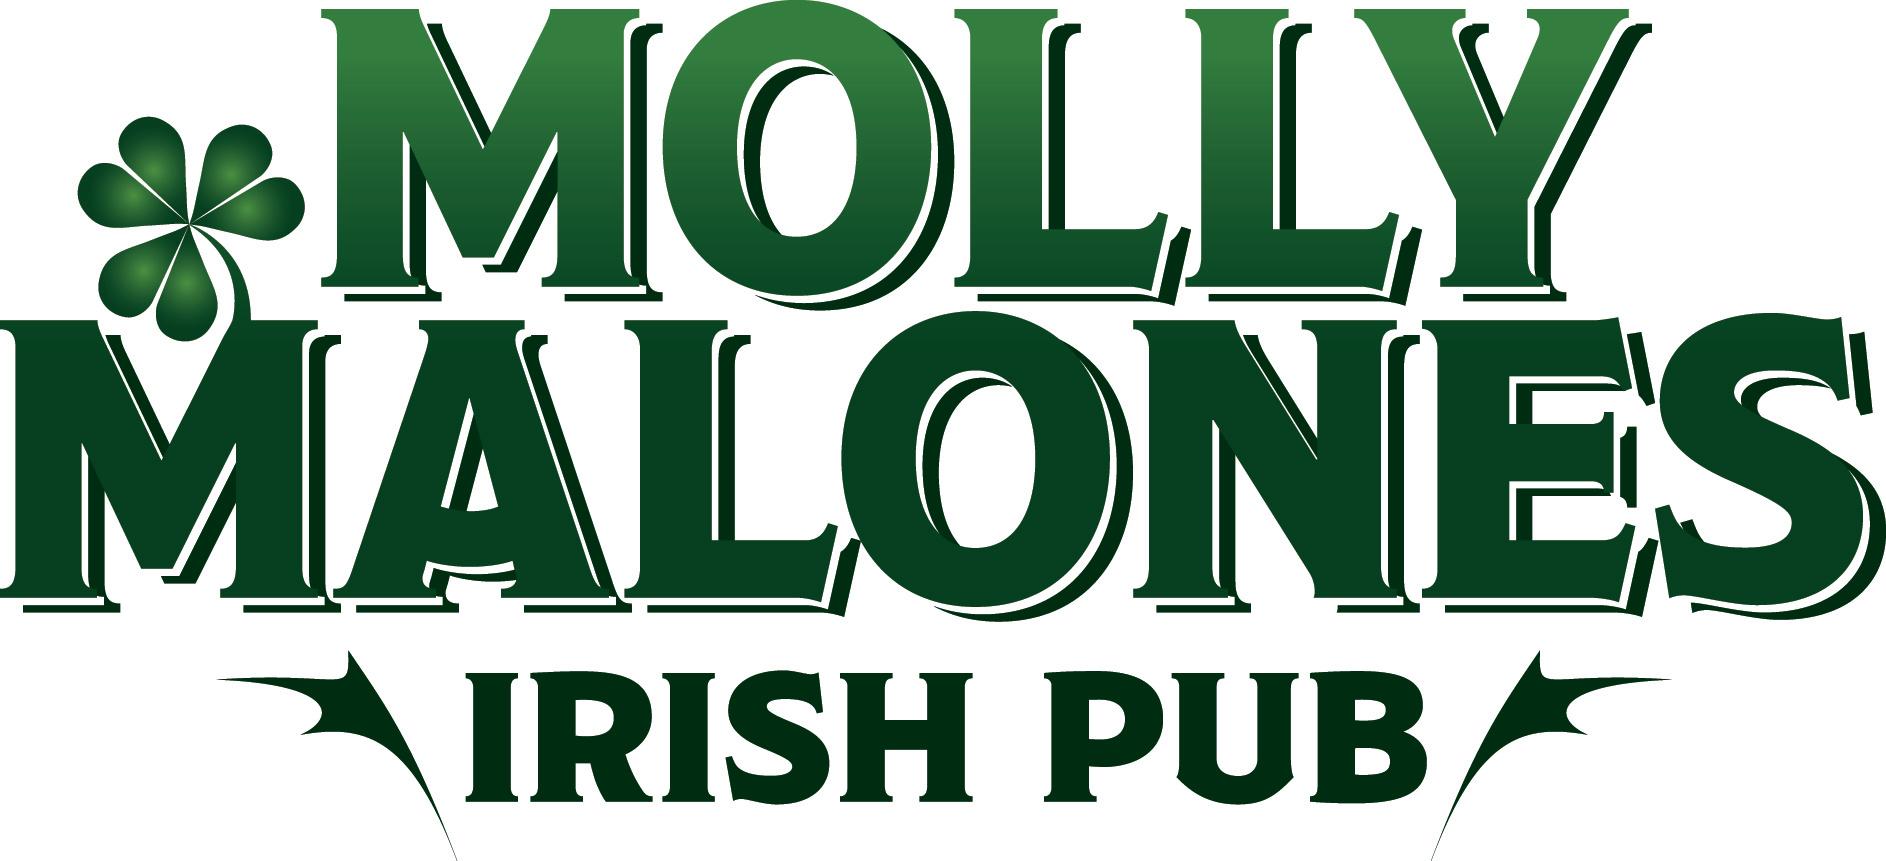 VG_MollyMalonesLogo_CMYK